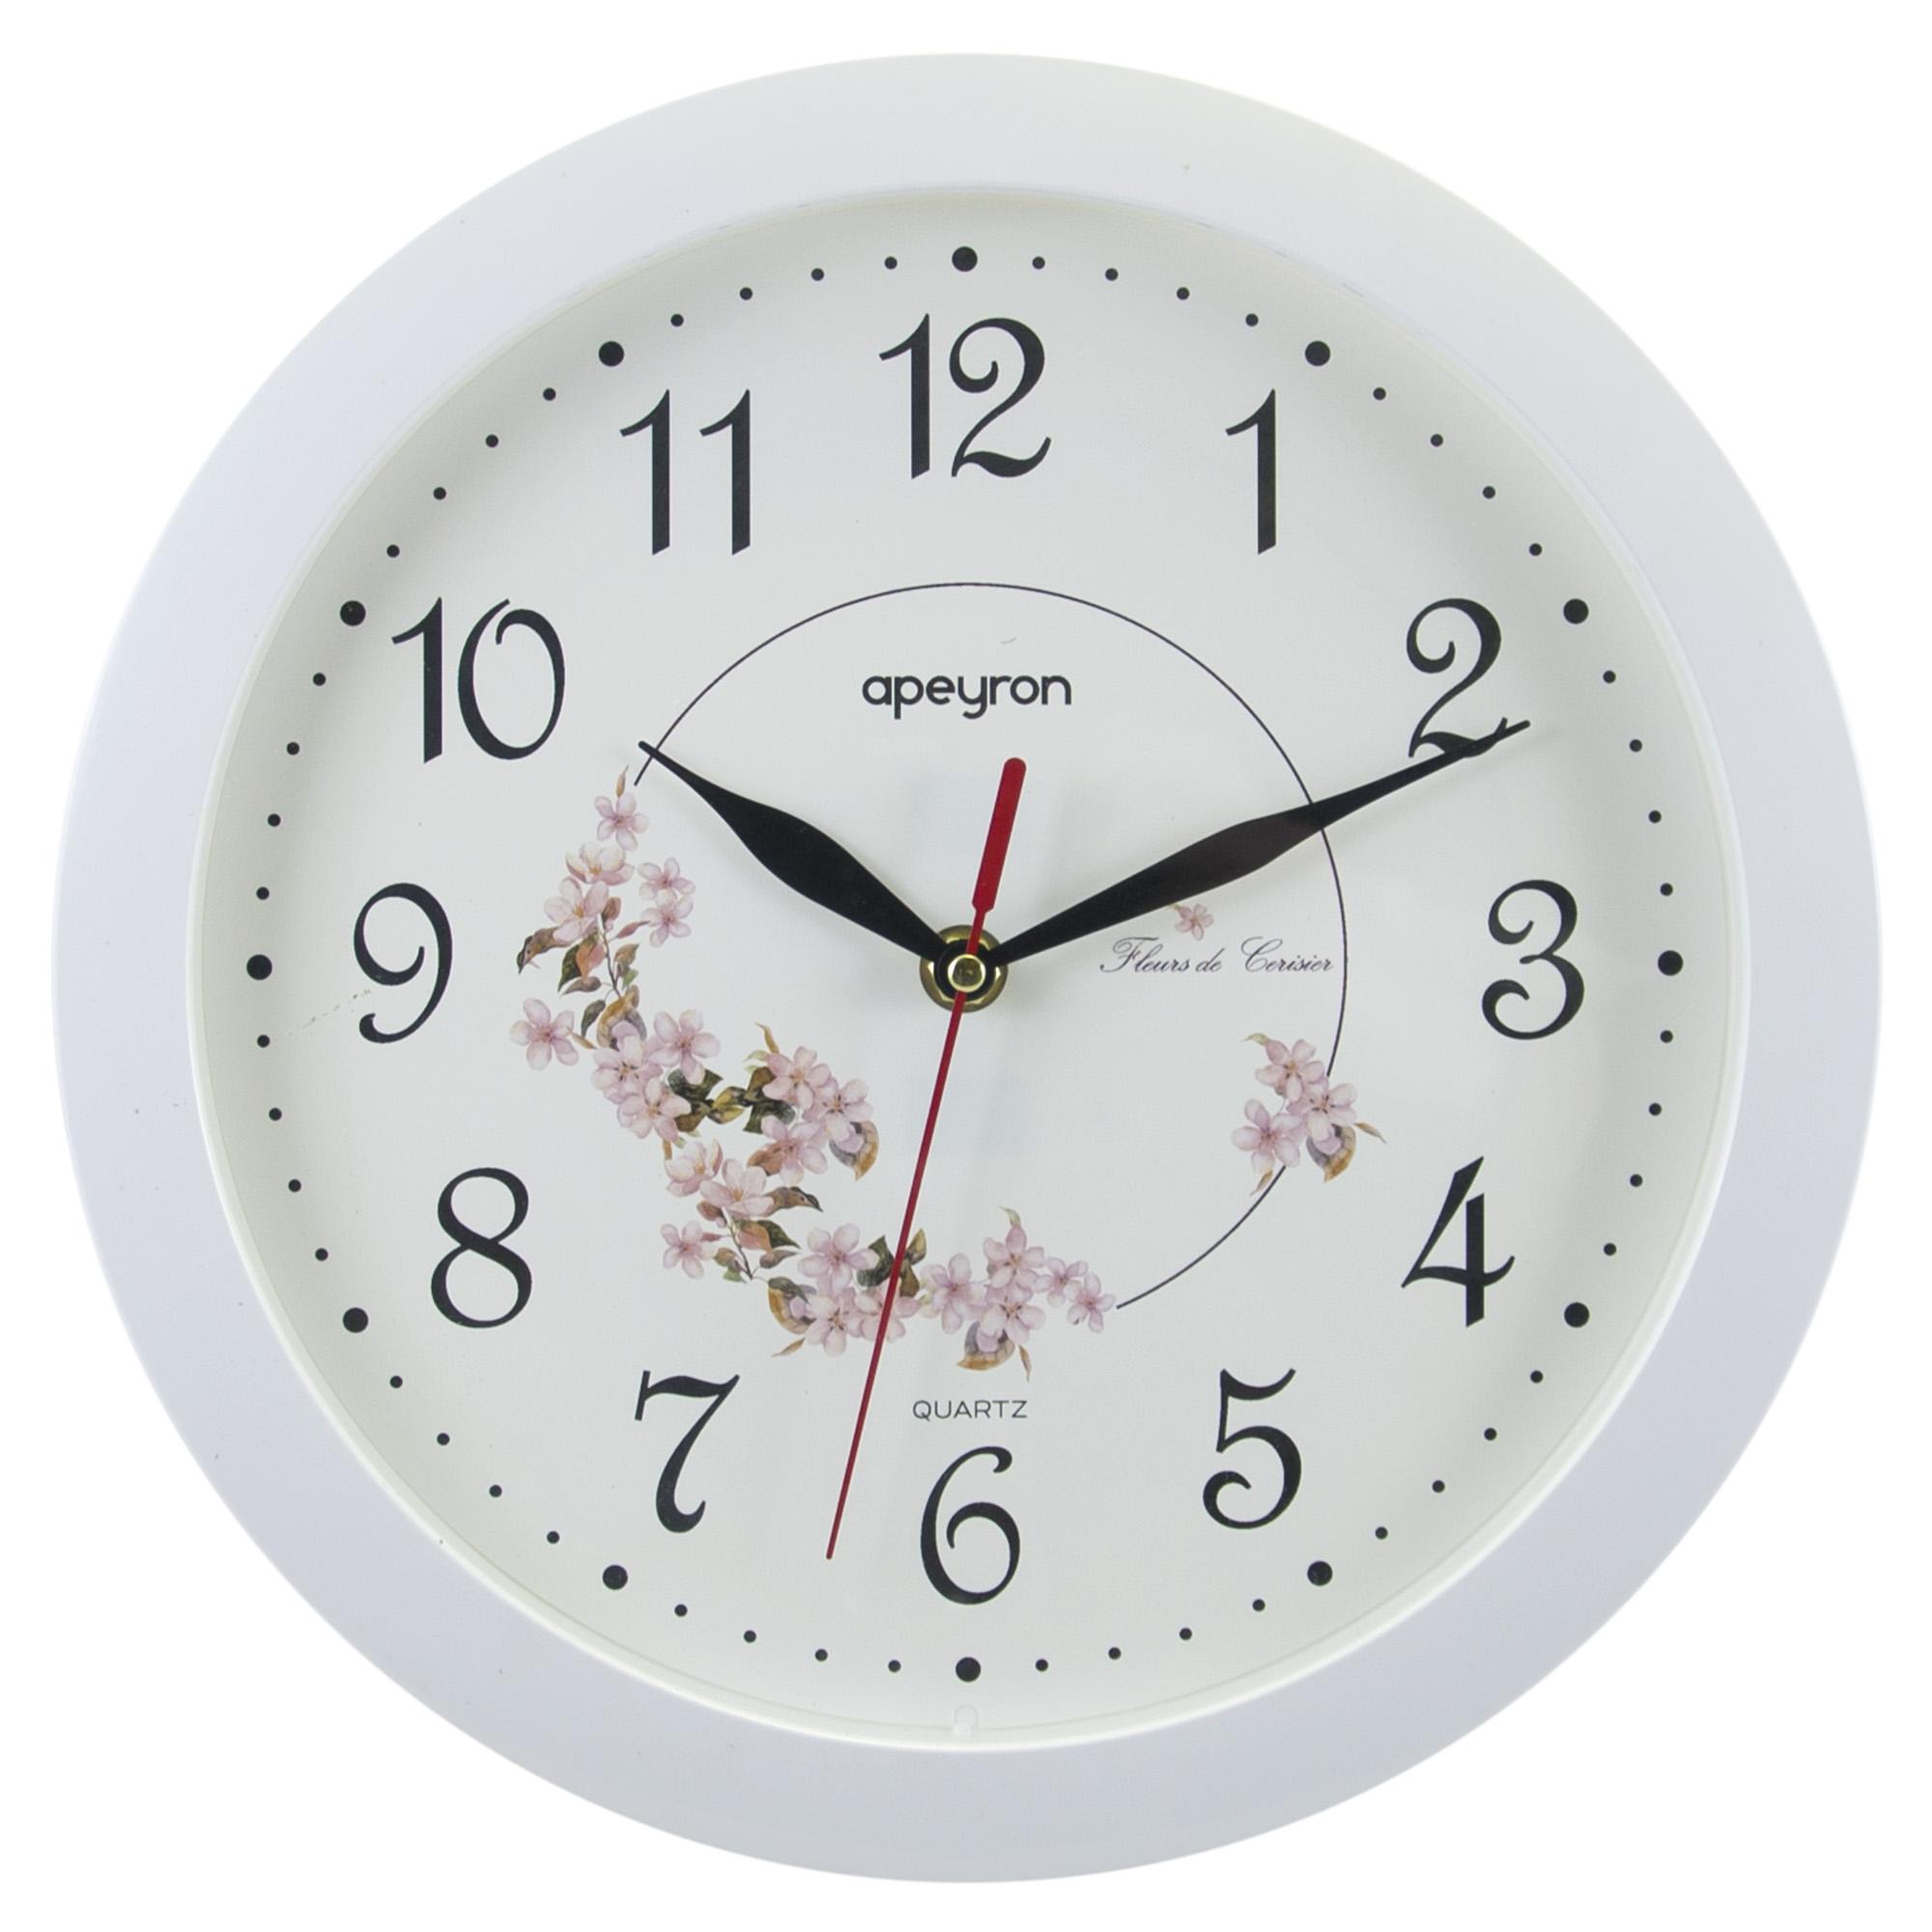 Часы настенные Apeyron Pl 1.26